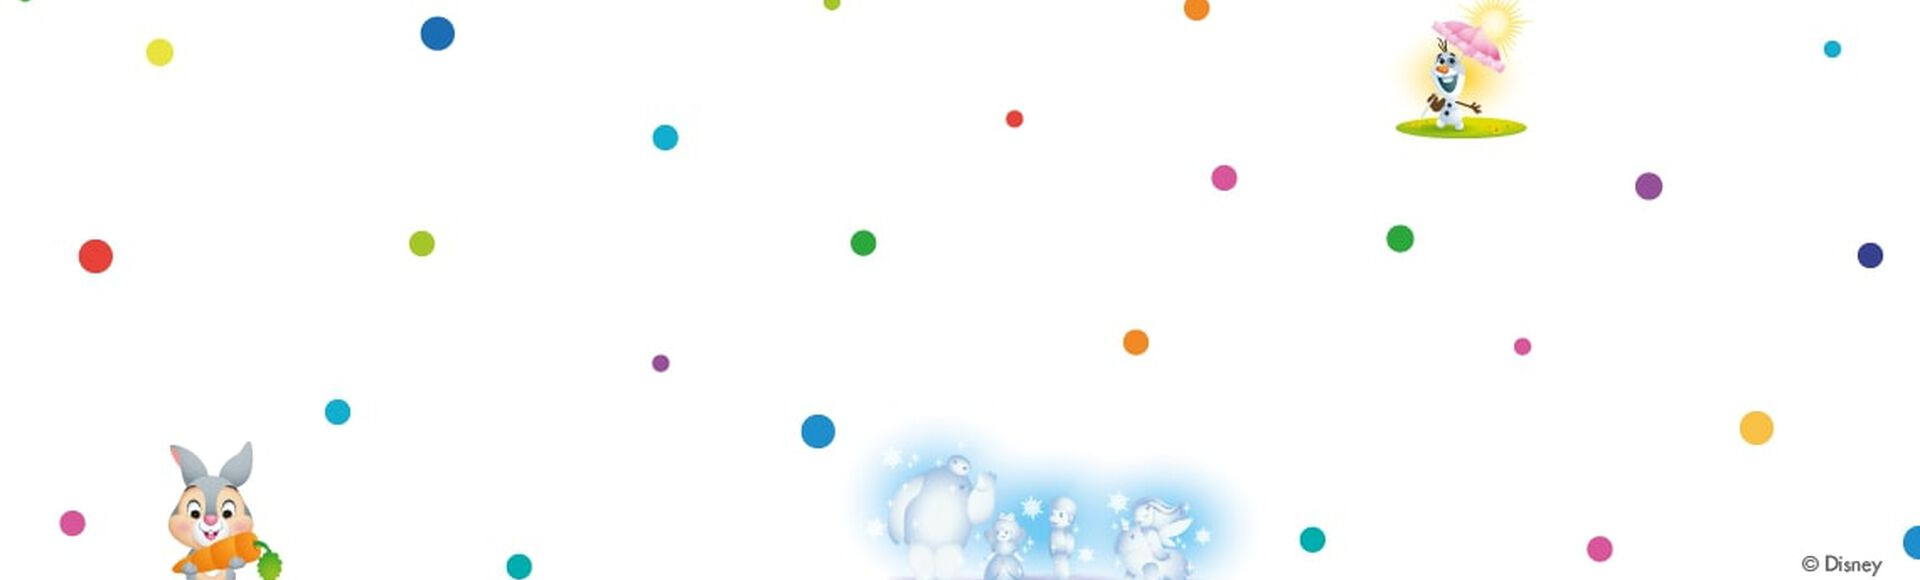 Olaf y las estaciones del año